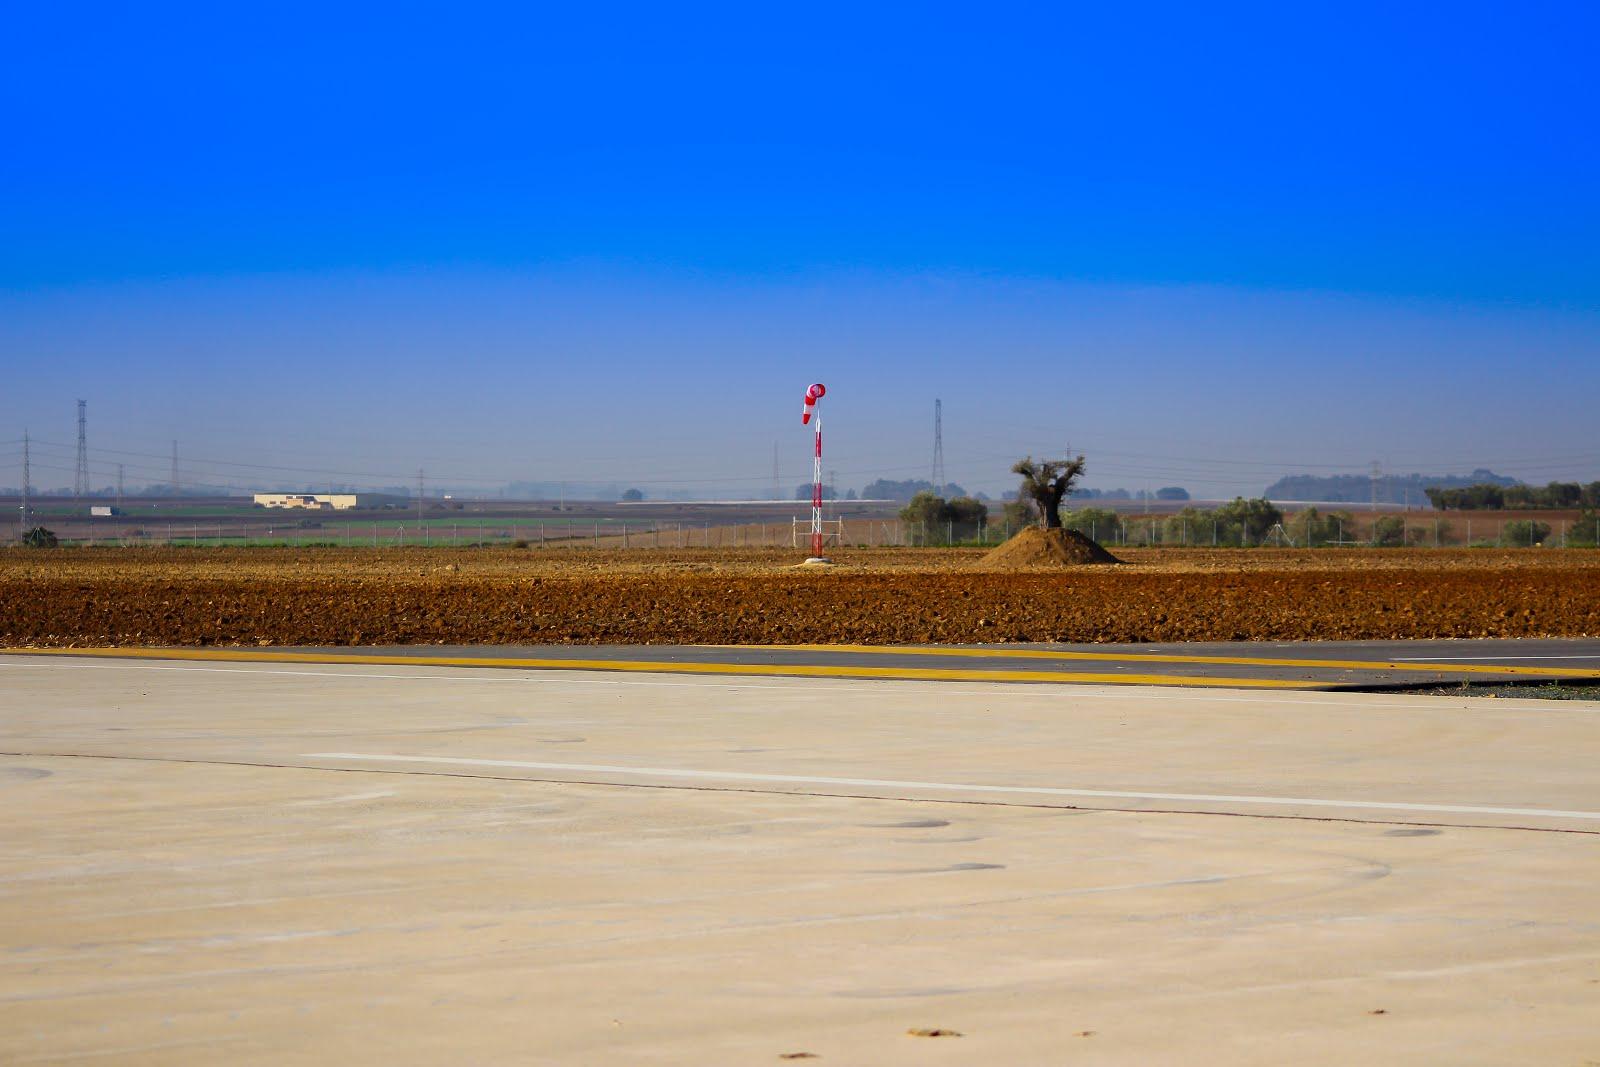 aerodromo-utrera-manga-viento